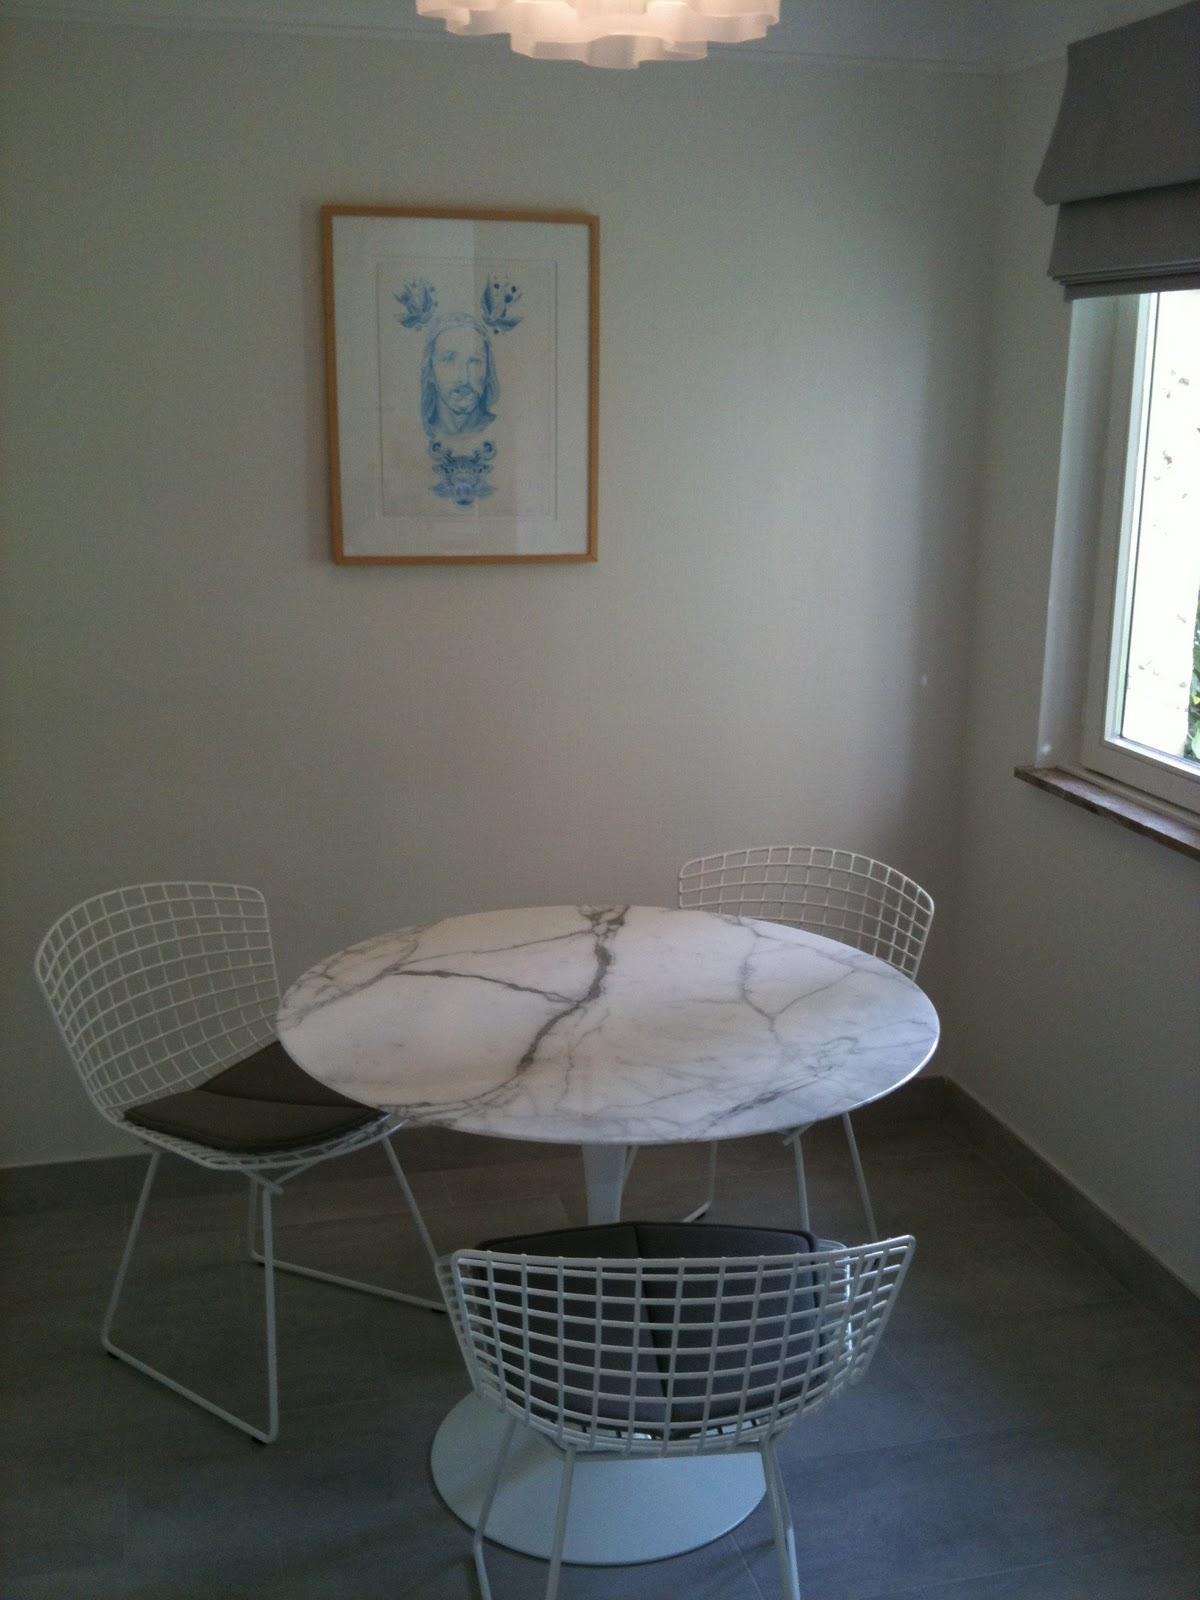 toile de chantal neuer k chentisch und st hle. Black Bedroom Furniture Sets. Home Design Ideas